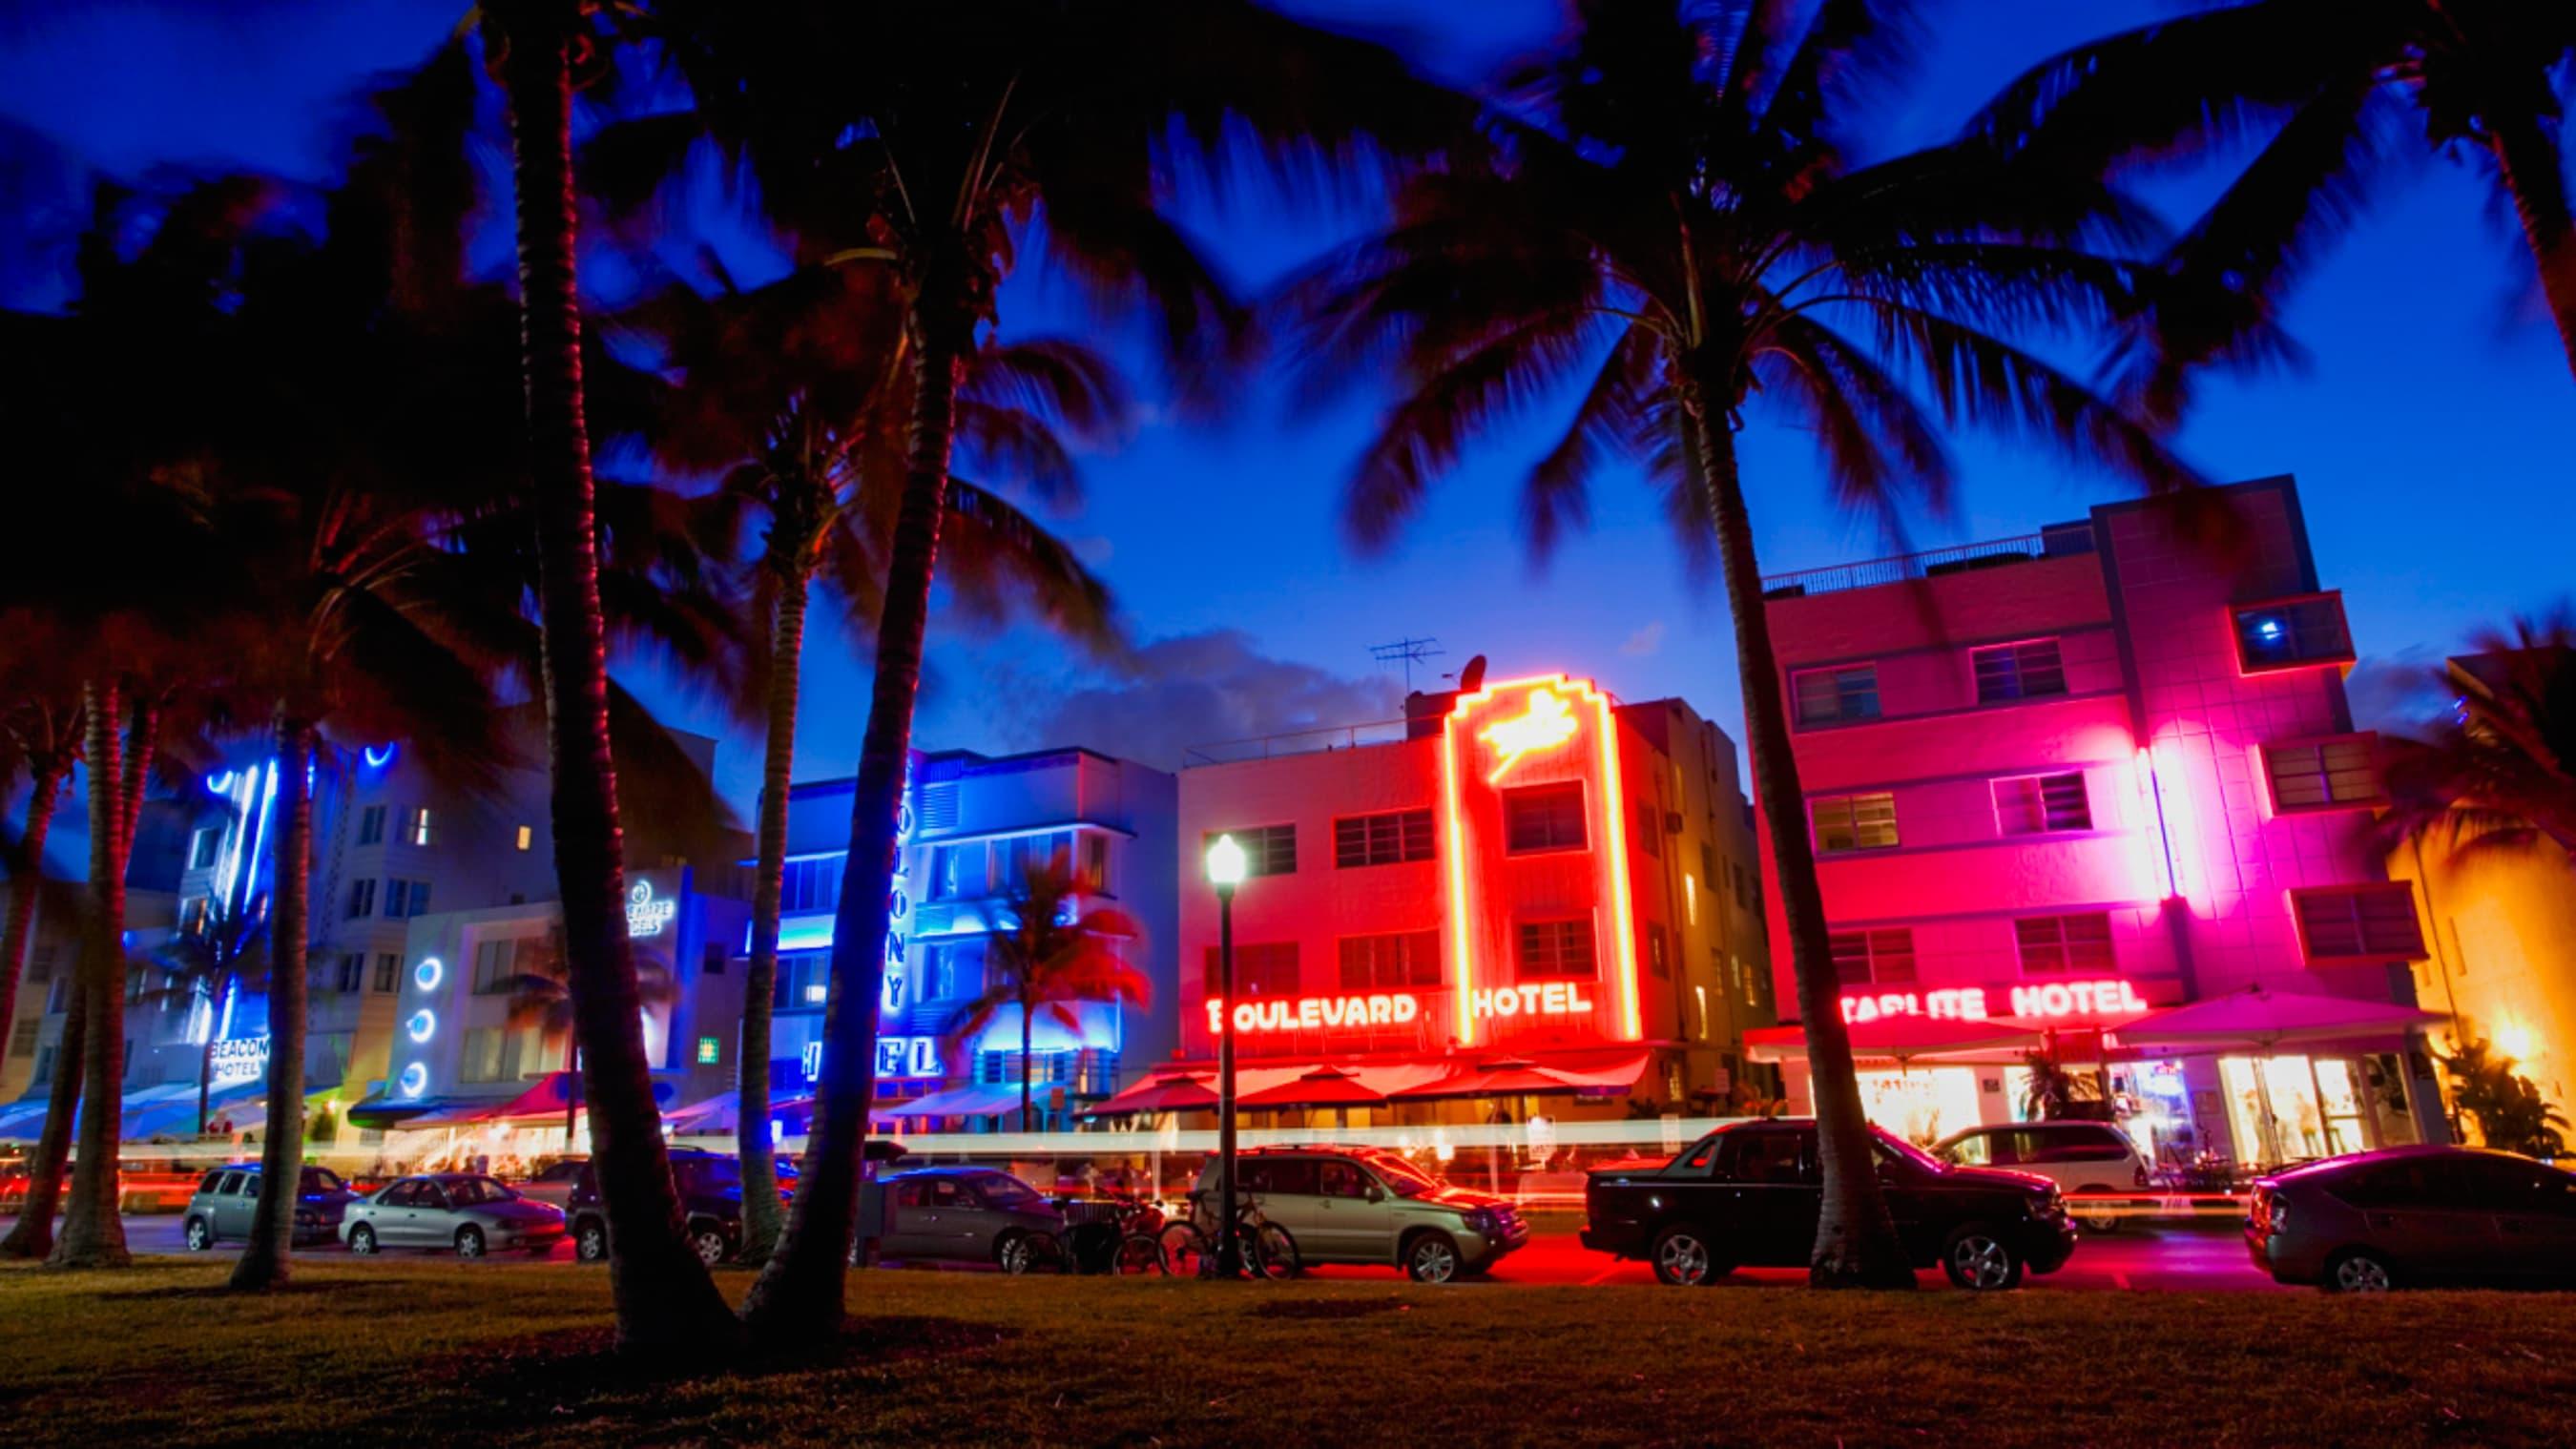 Palmeiras, carros estacionados e hotéis mais intimistas com luzes de neon iluminam a noite em Miami, na Flórida.